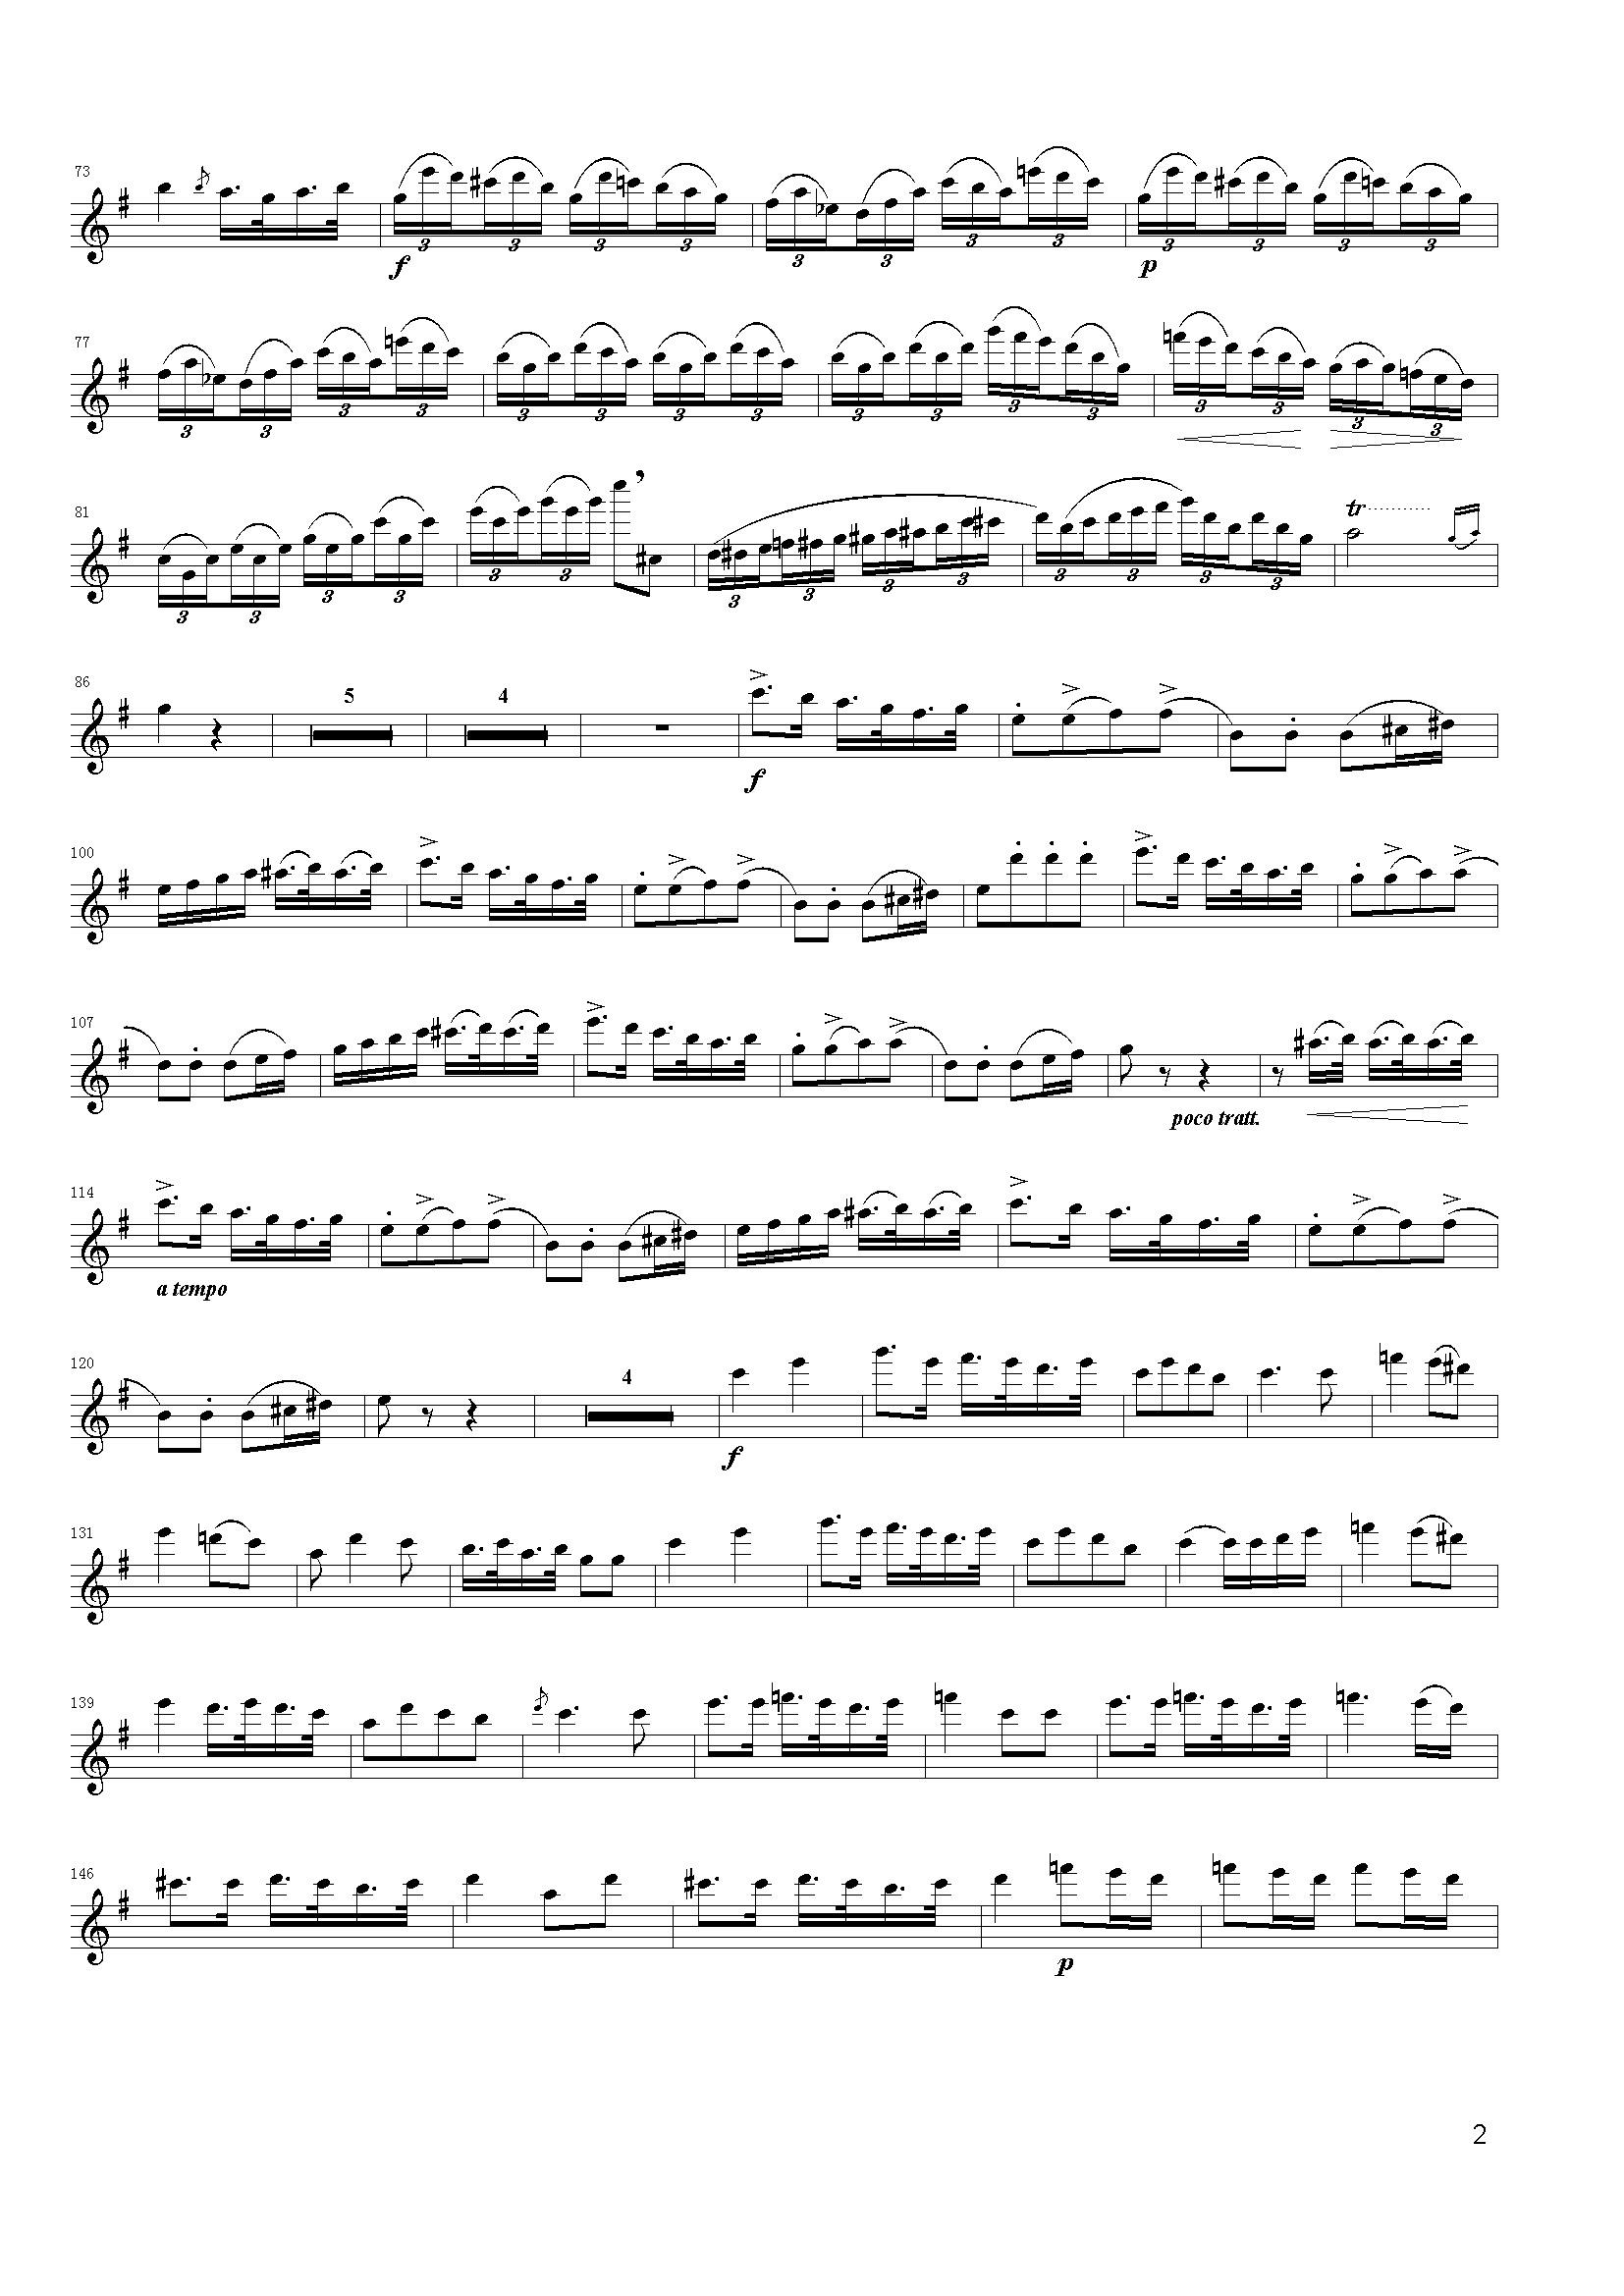 俄罗斯回旋曲的谱子,拜托了,急用!谢谢!就是长笛书